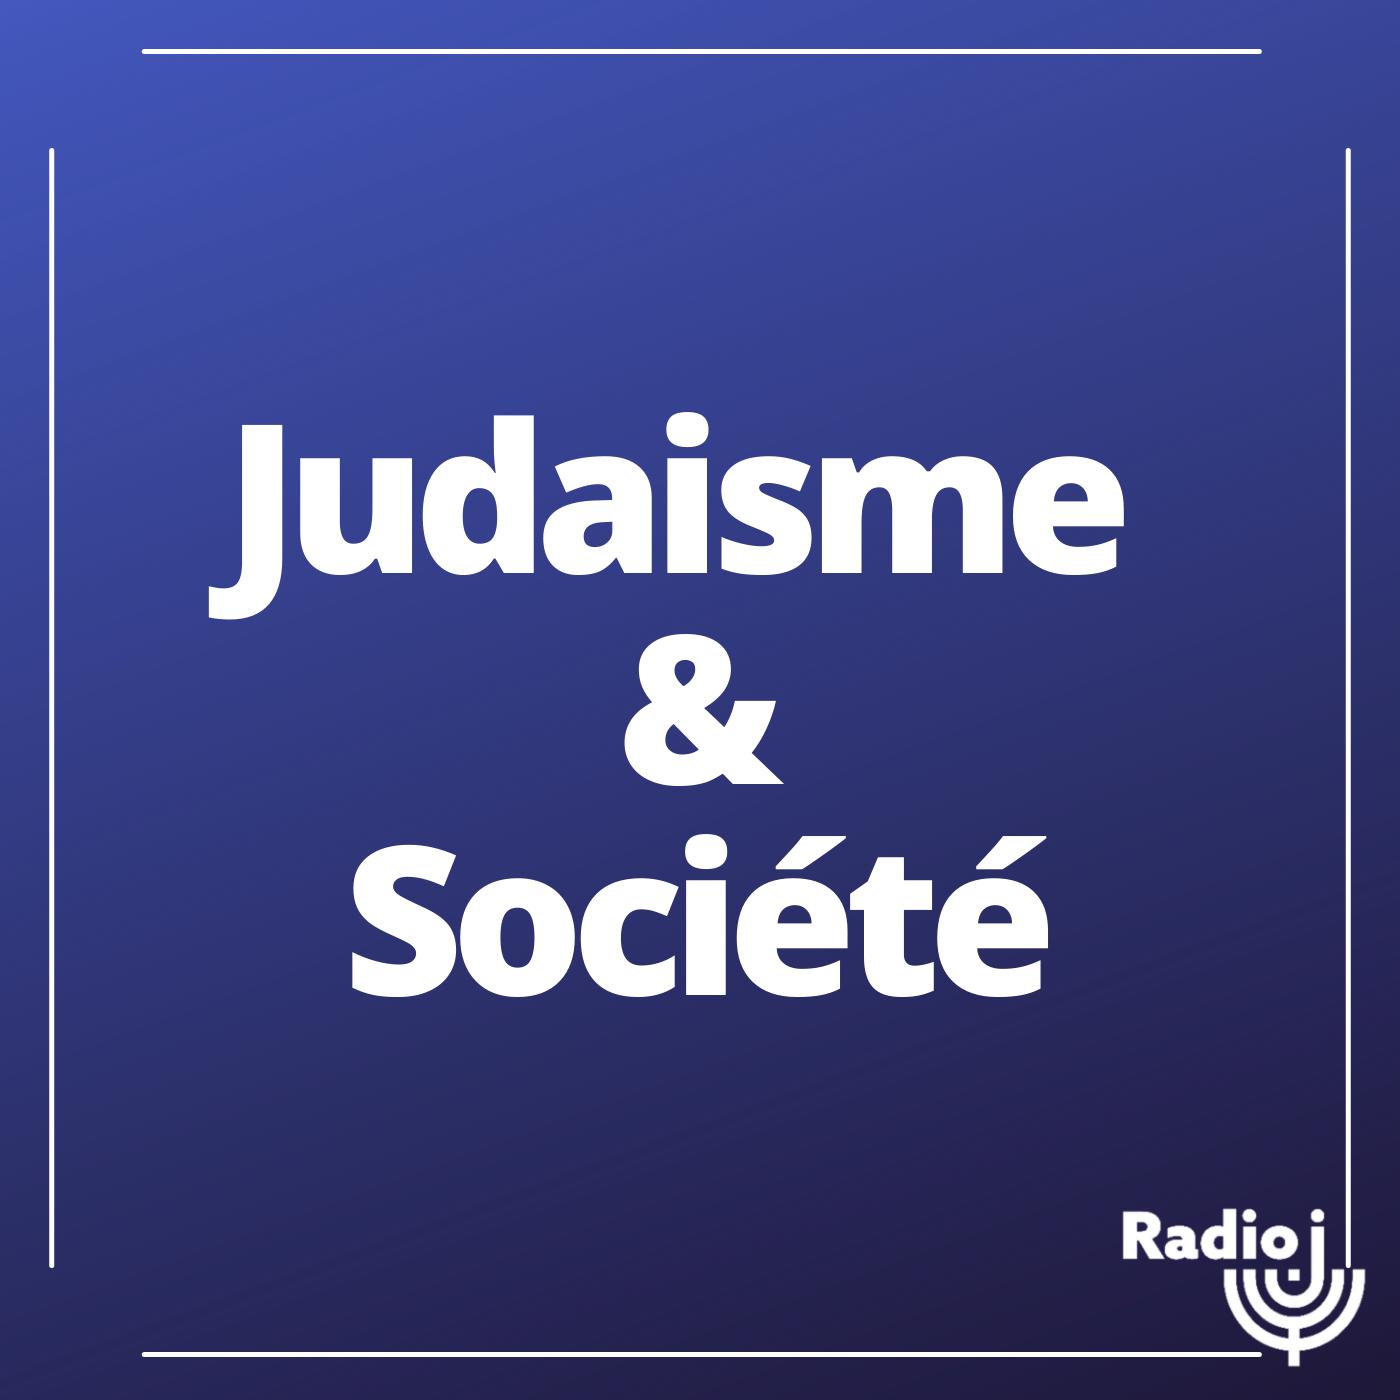 Judaisme et société